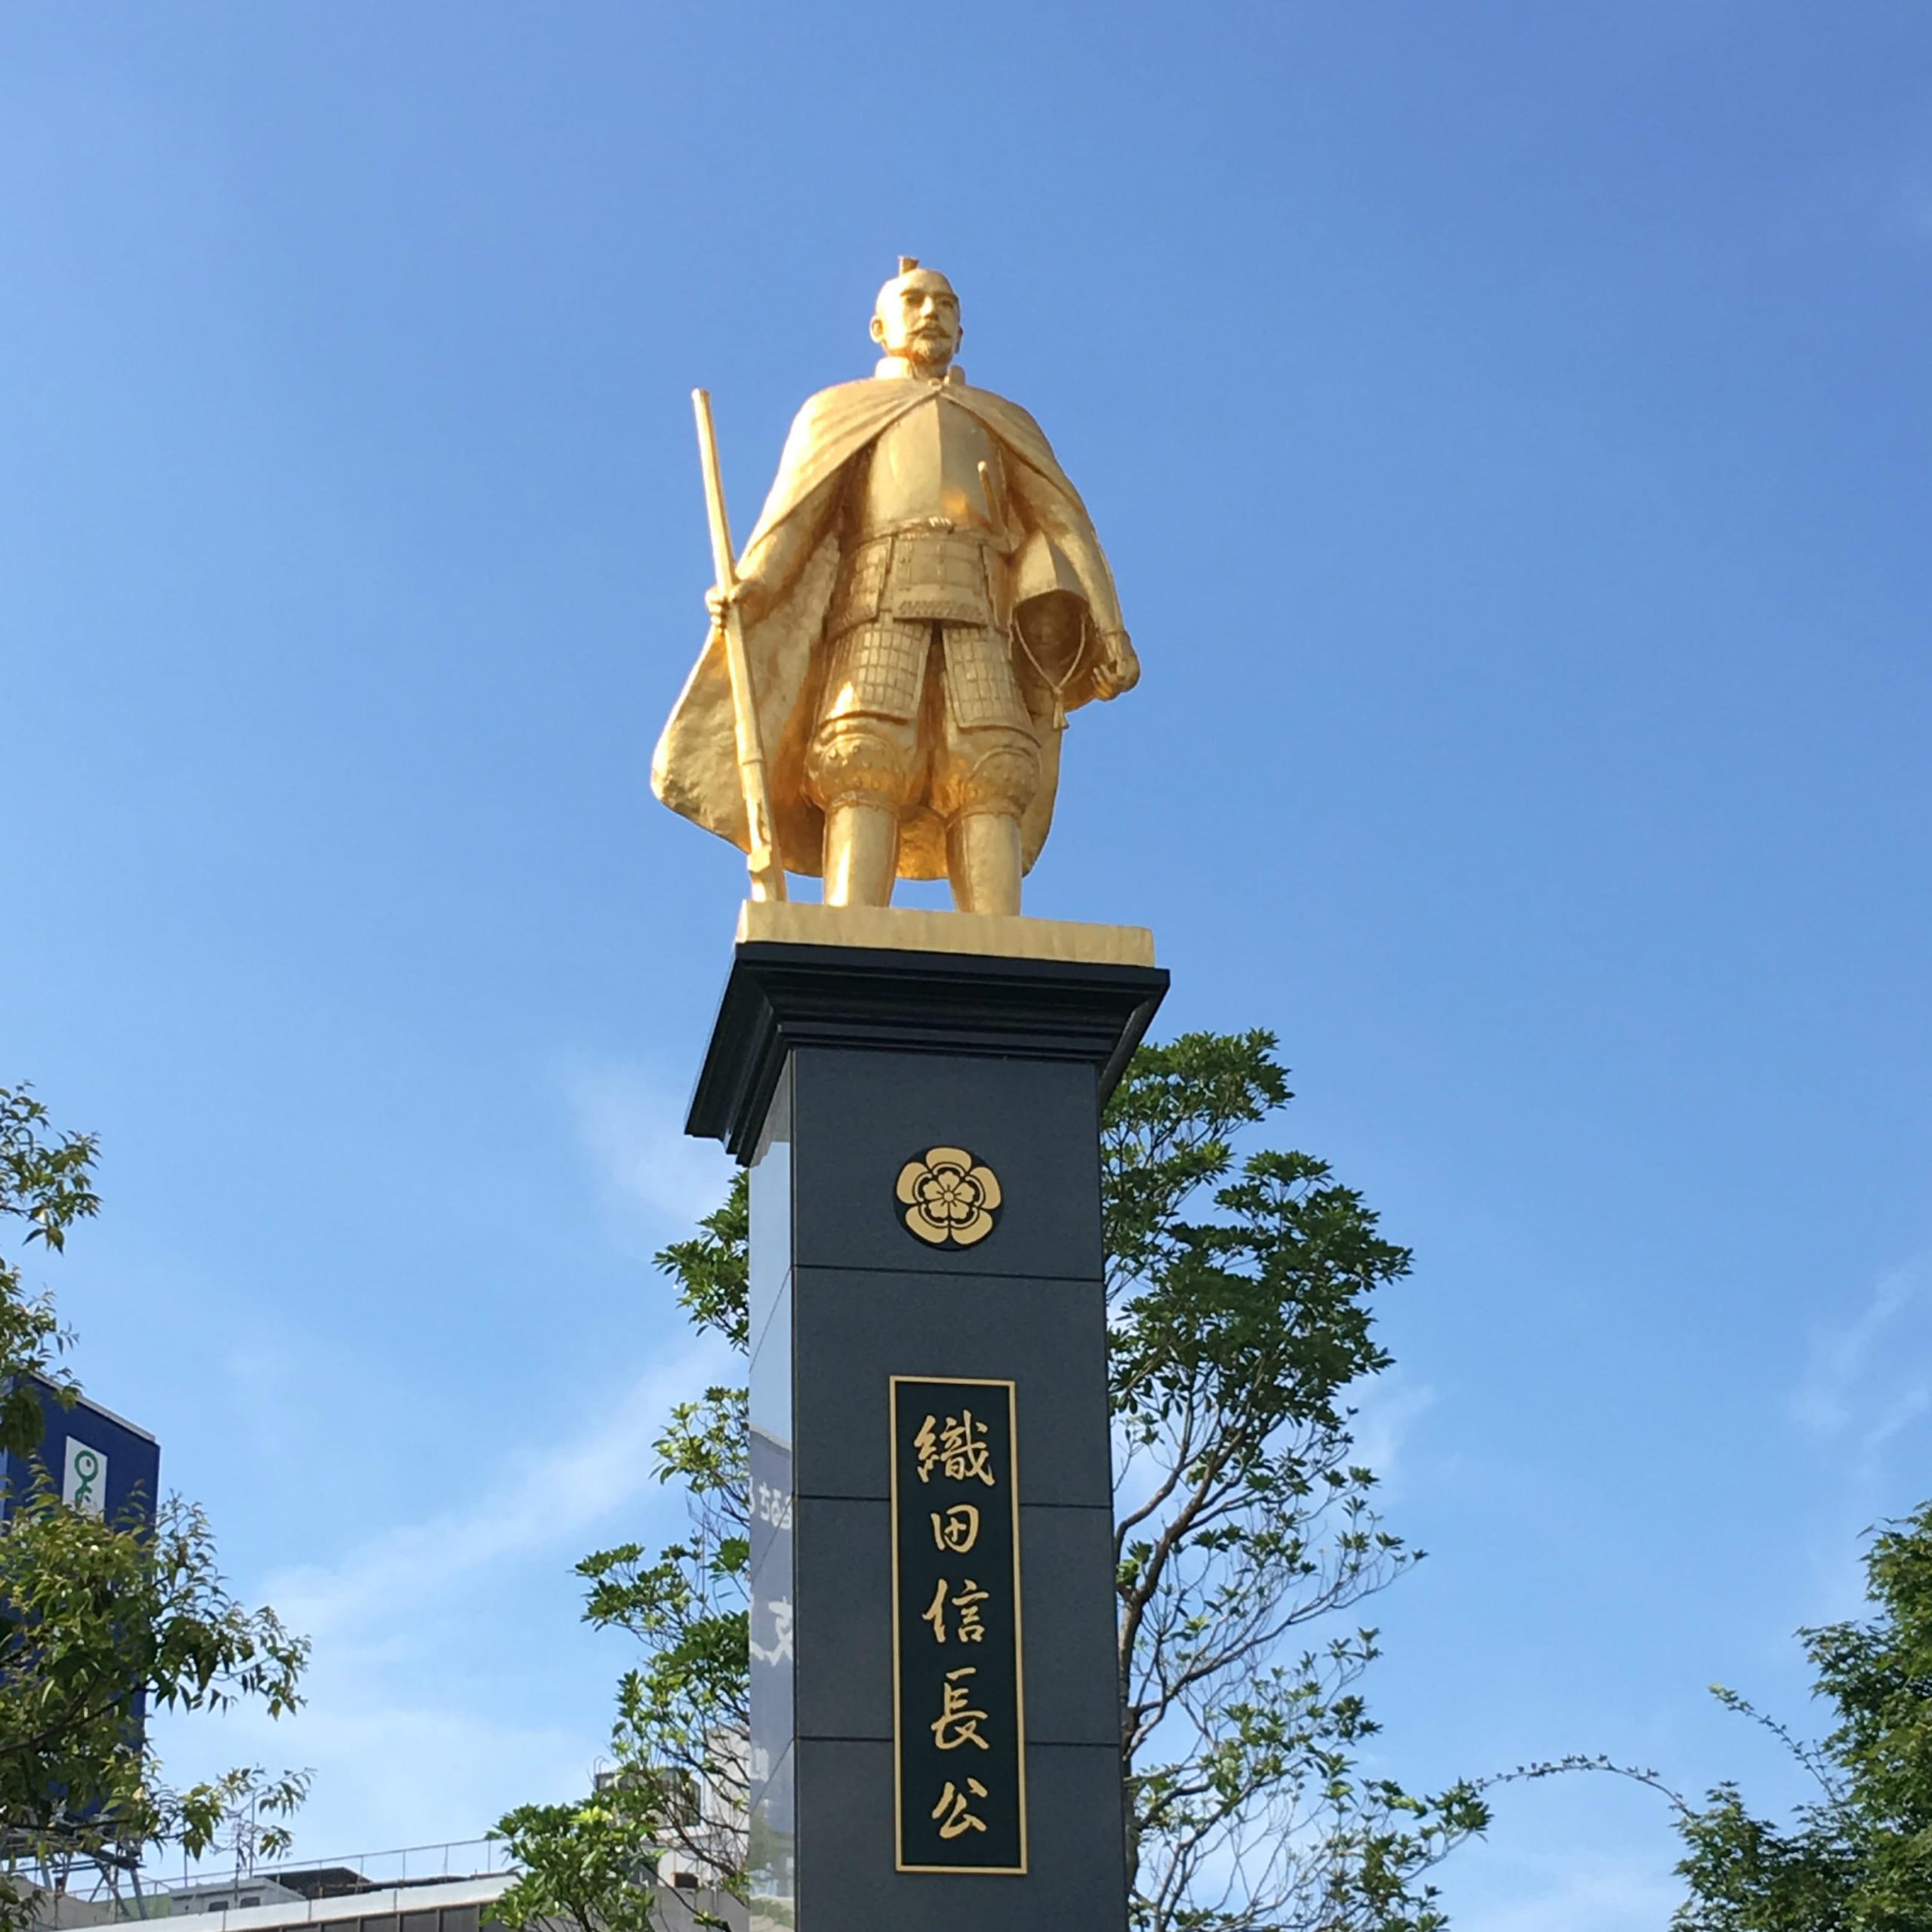 今年は信長が「岐阜城」と改名して450周年